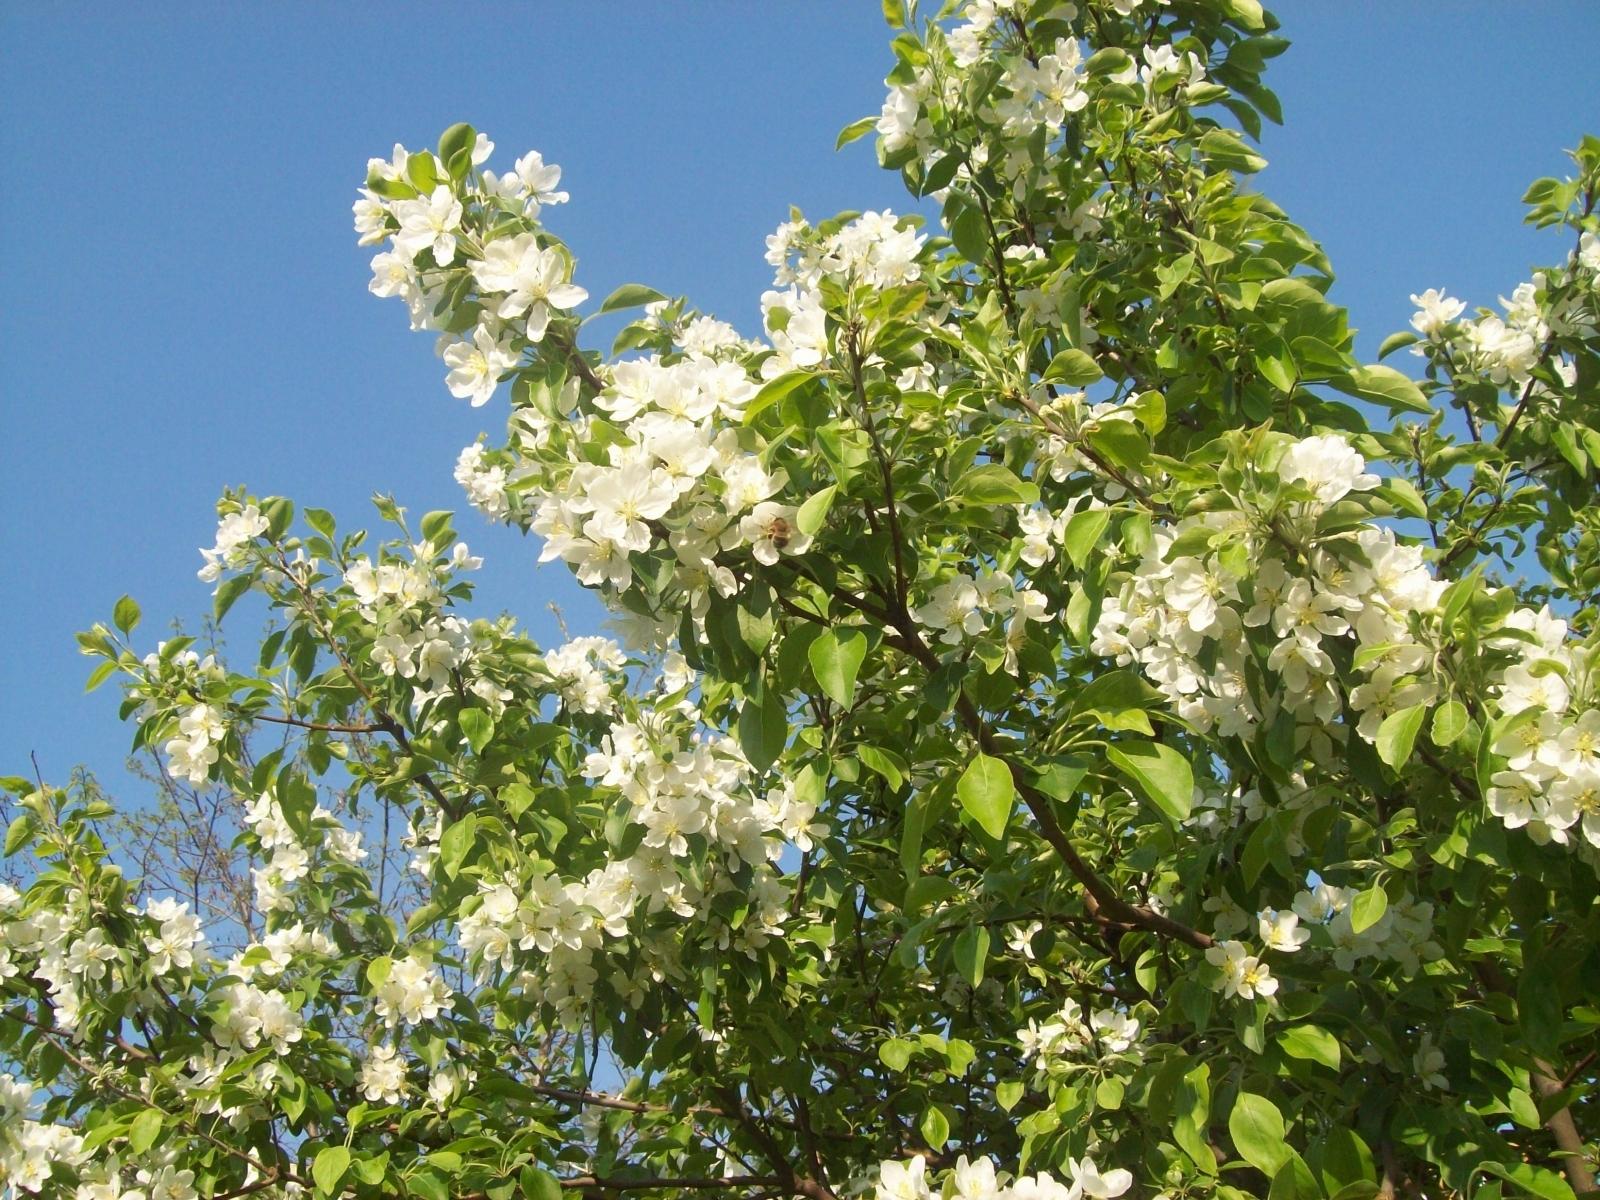 7881 скачать обои Растения, Цветы, Листья - заставки и картинки бесплатно